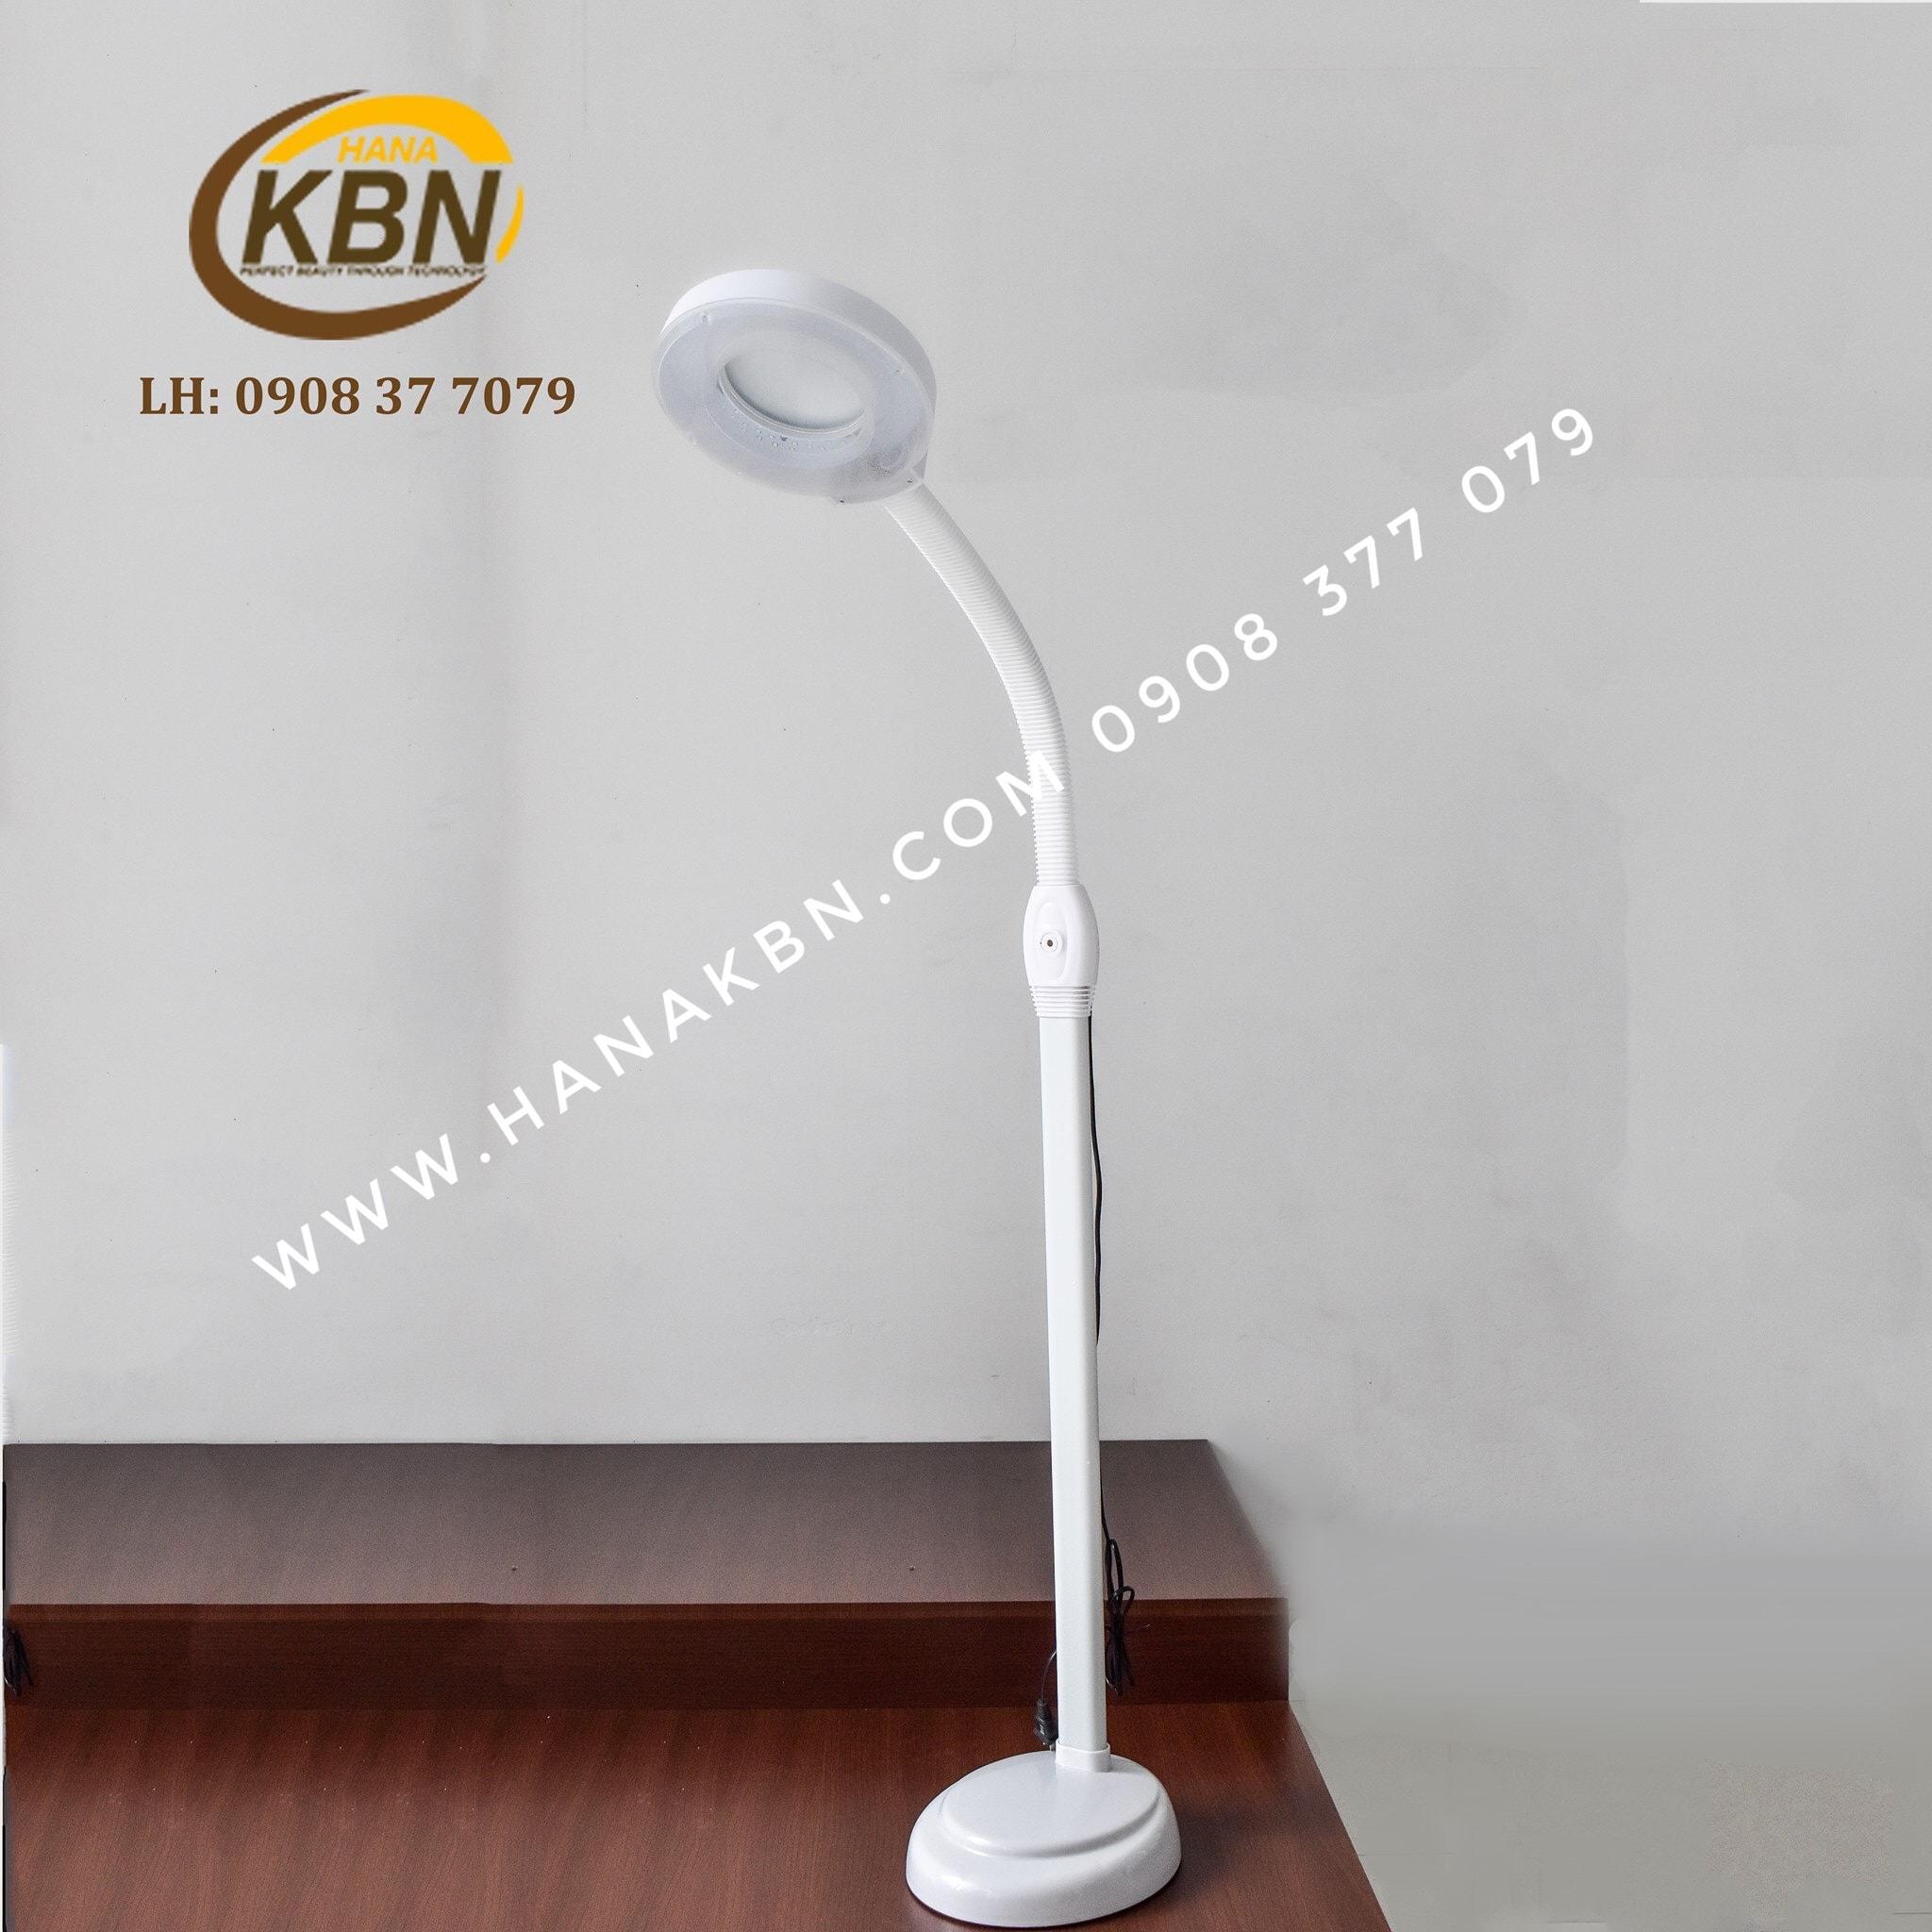 Đèn lúp led siêu sáng chính hãng